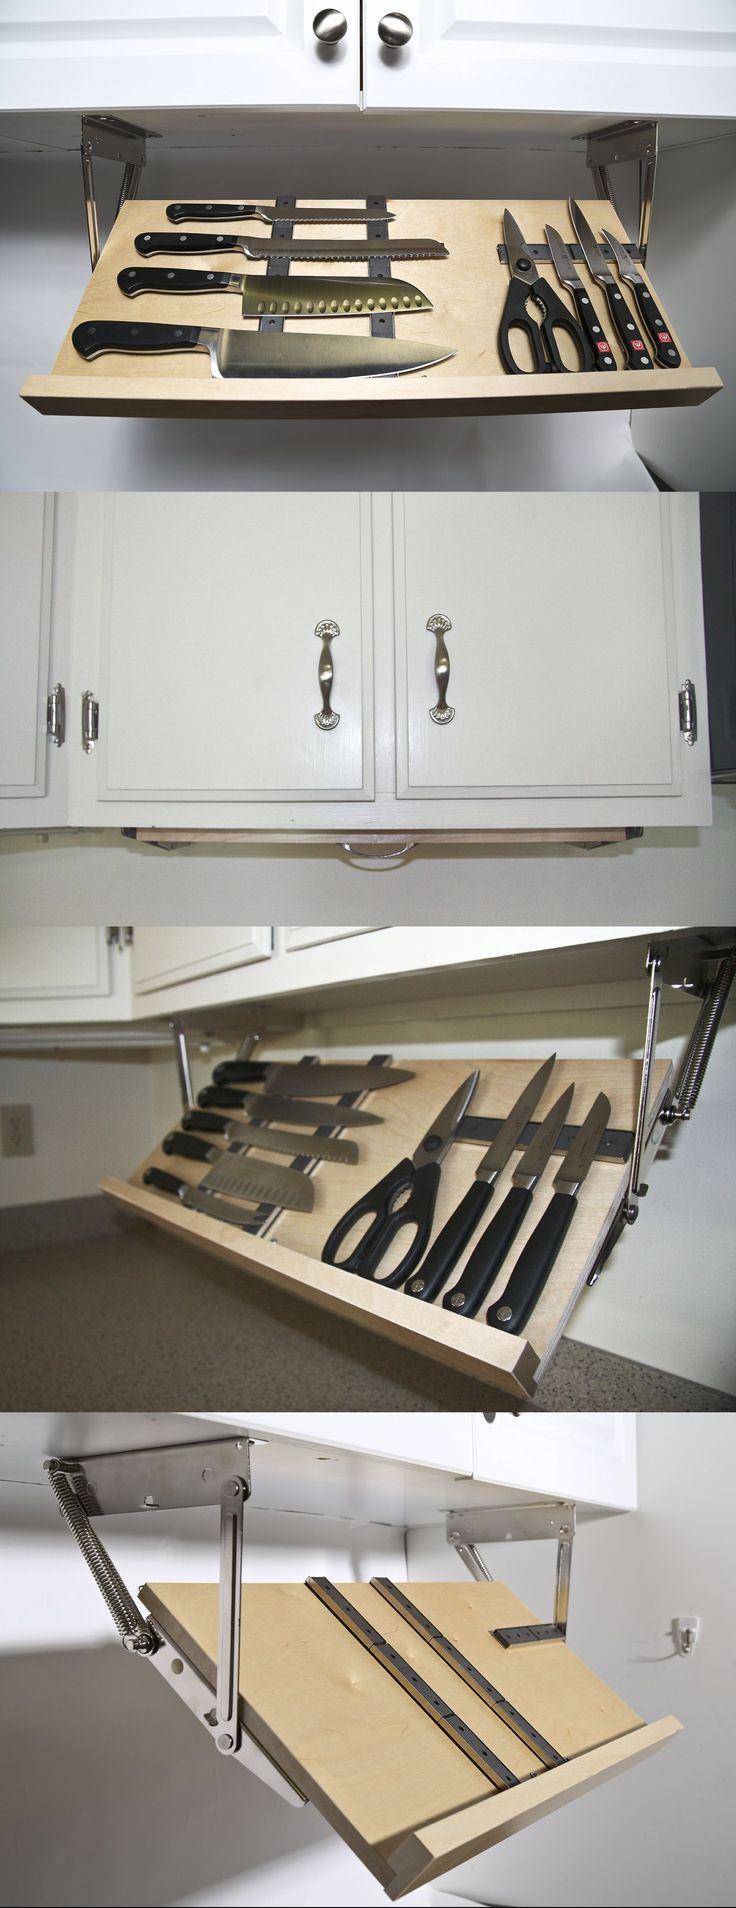 & Under Cabinet Knife Storage